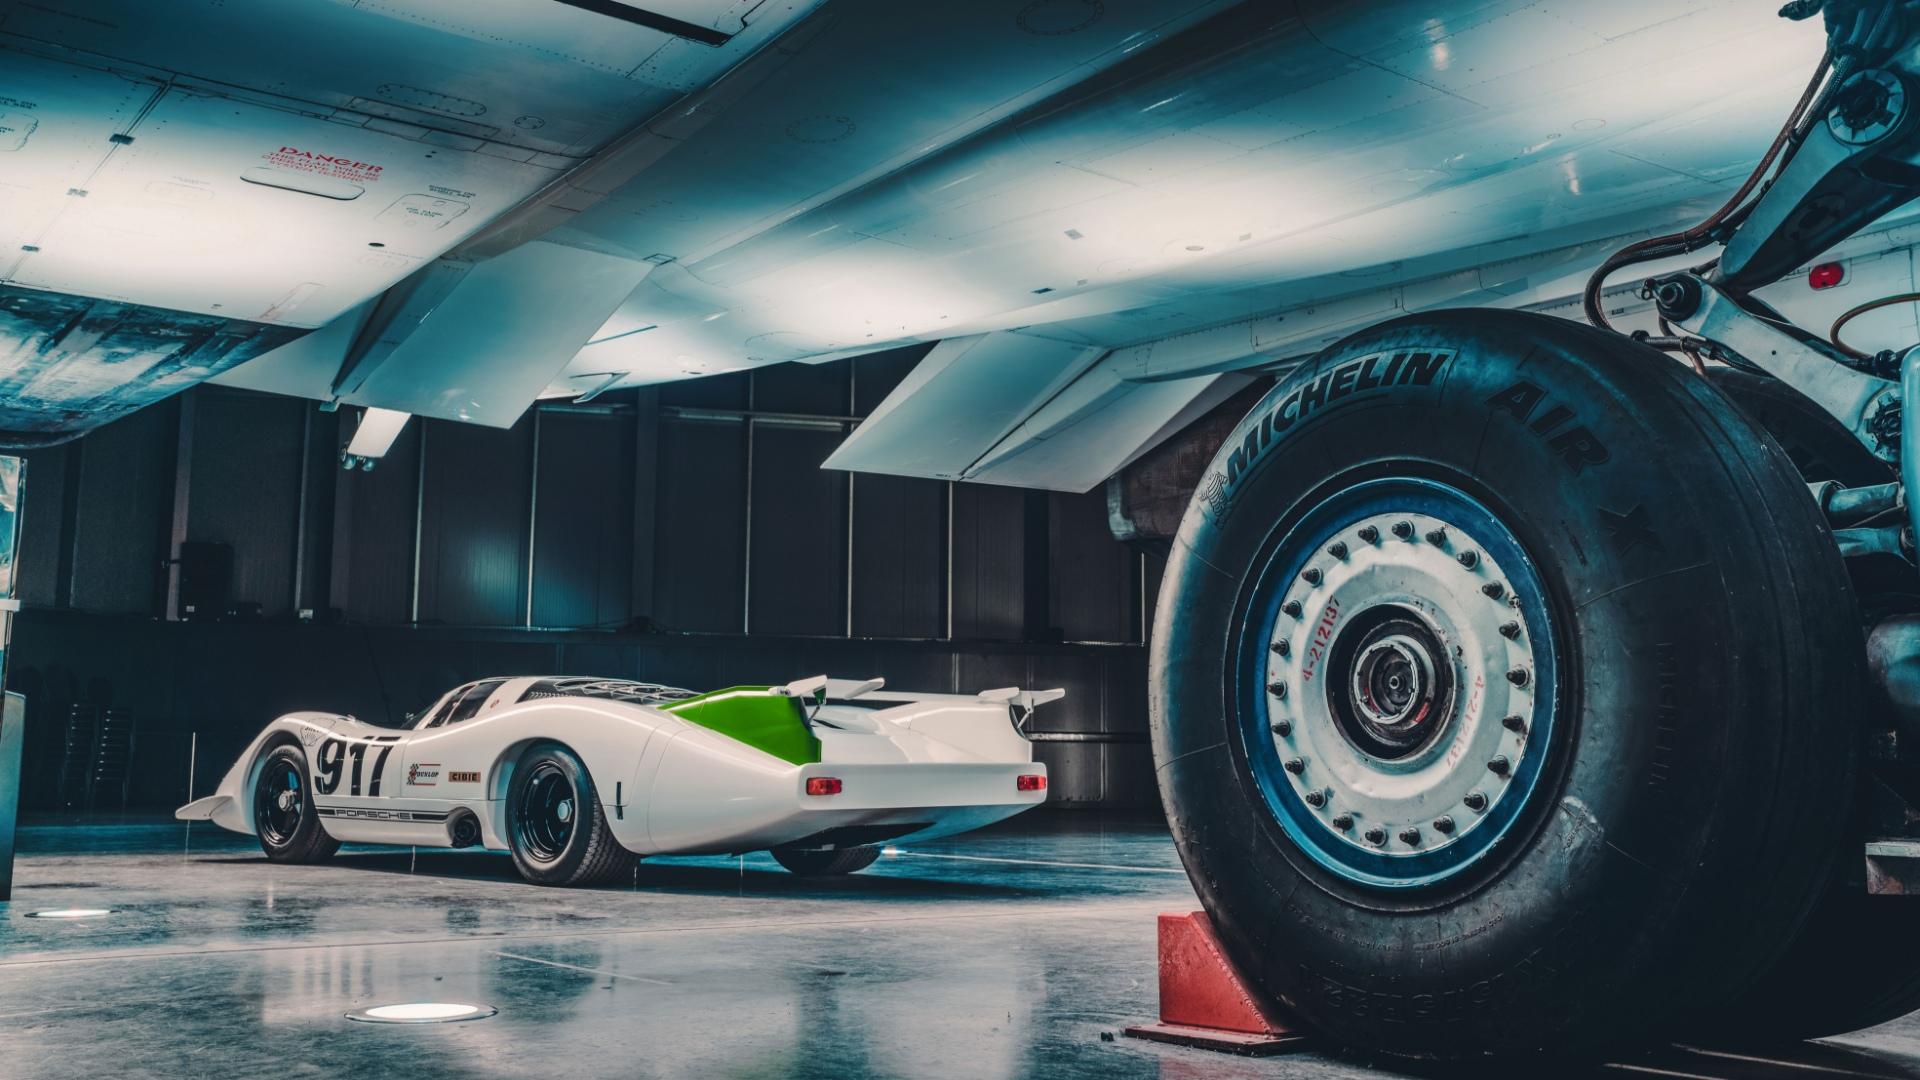 Porsche 917 Concorde